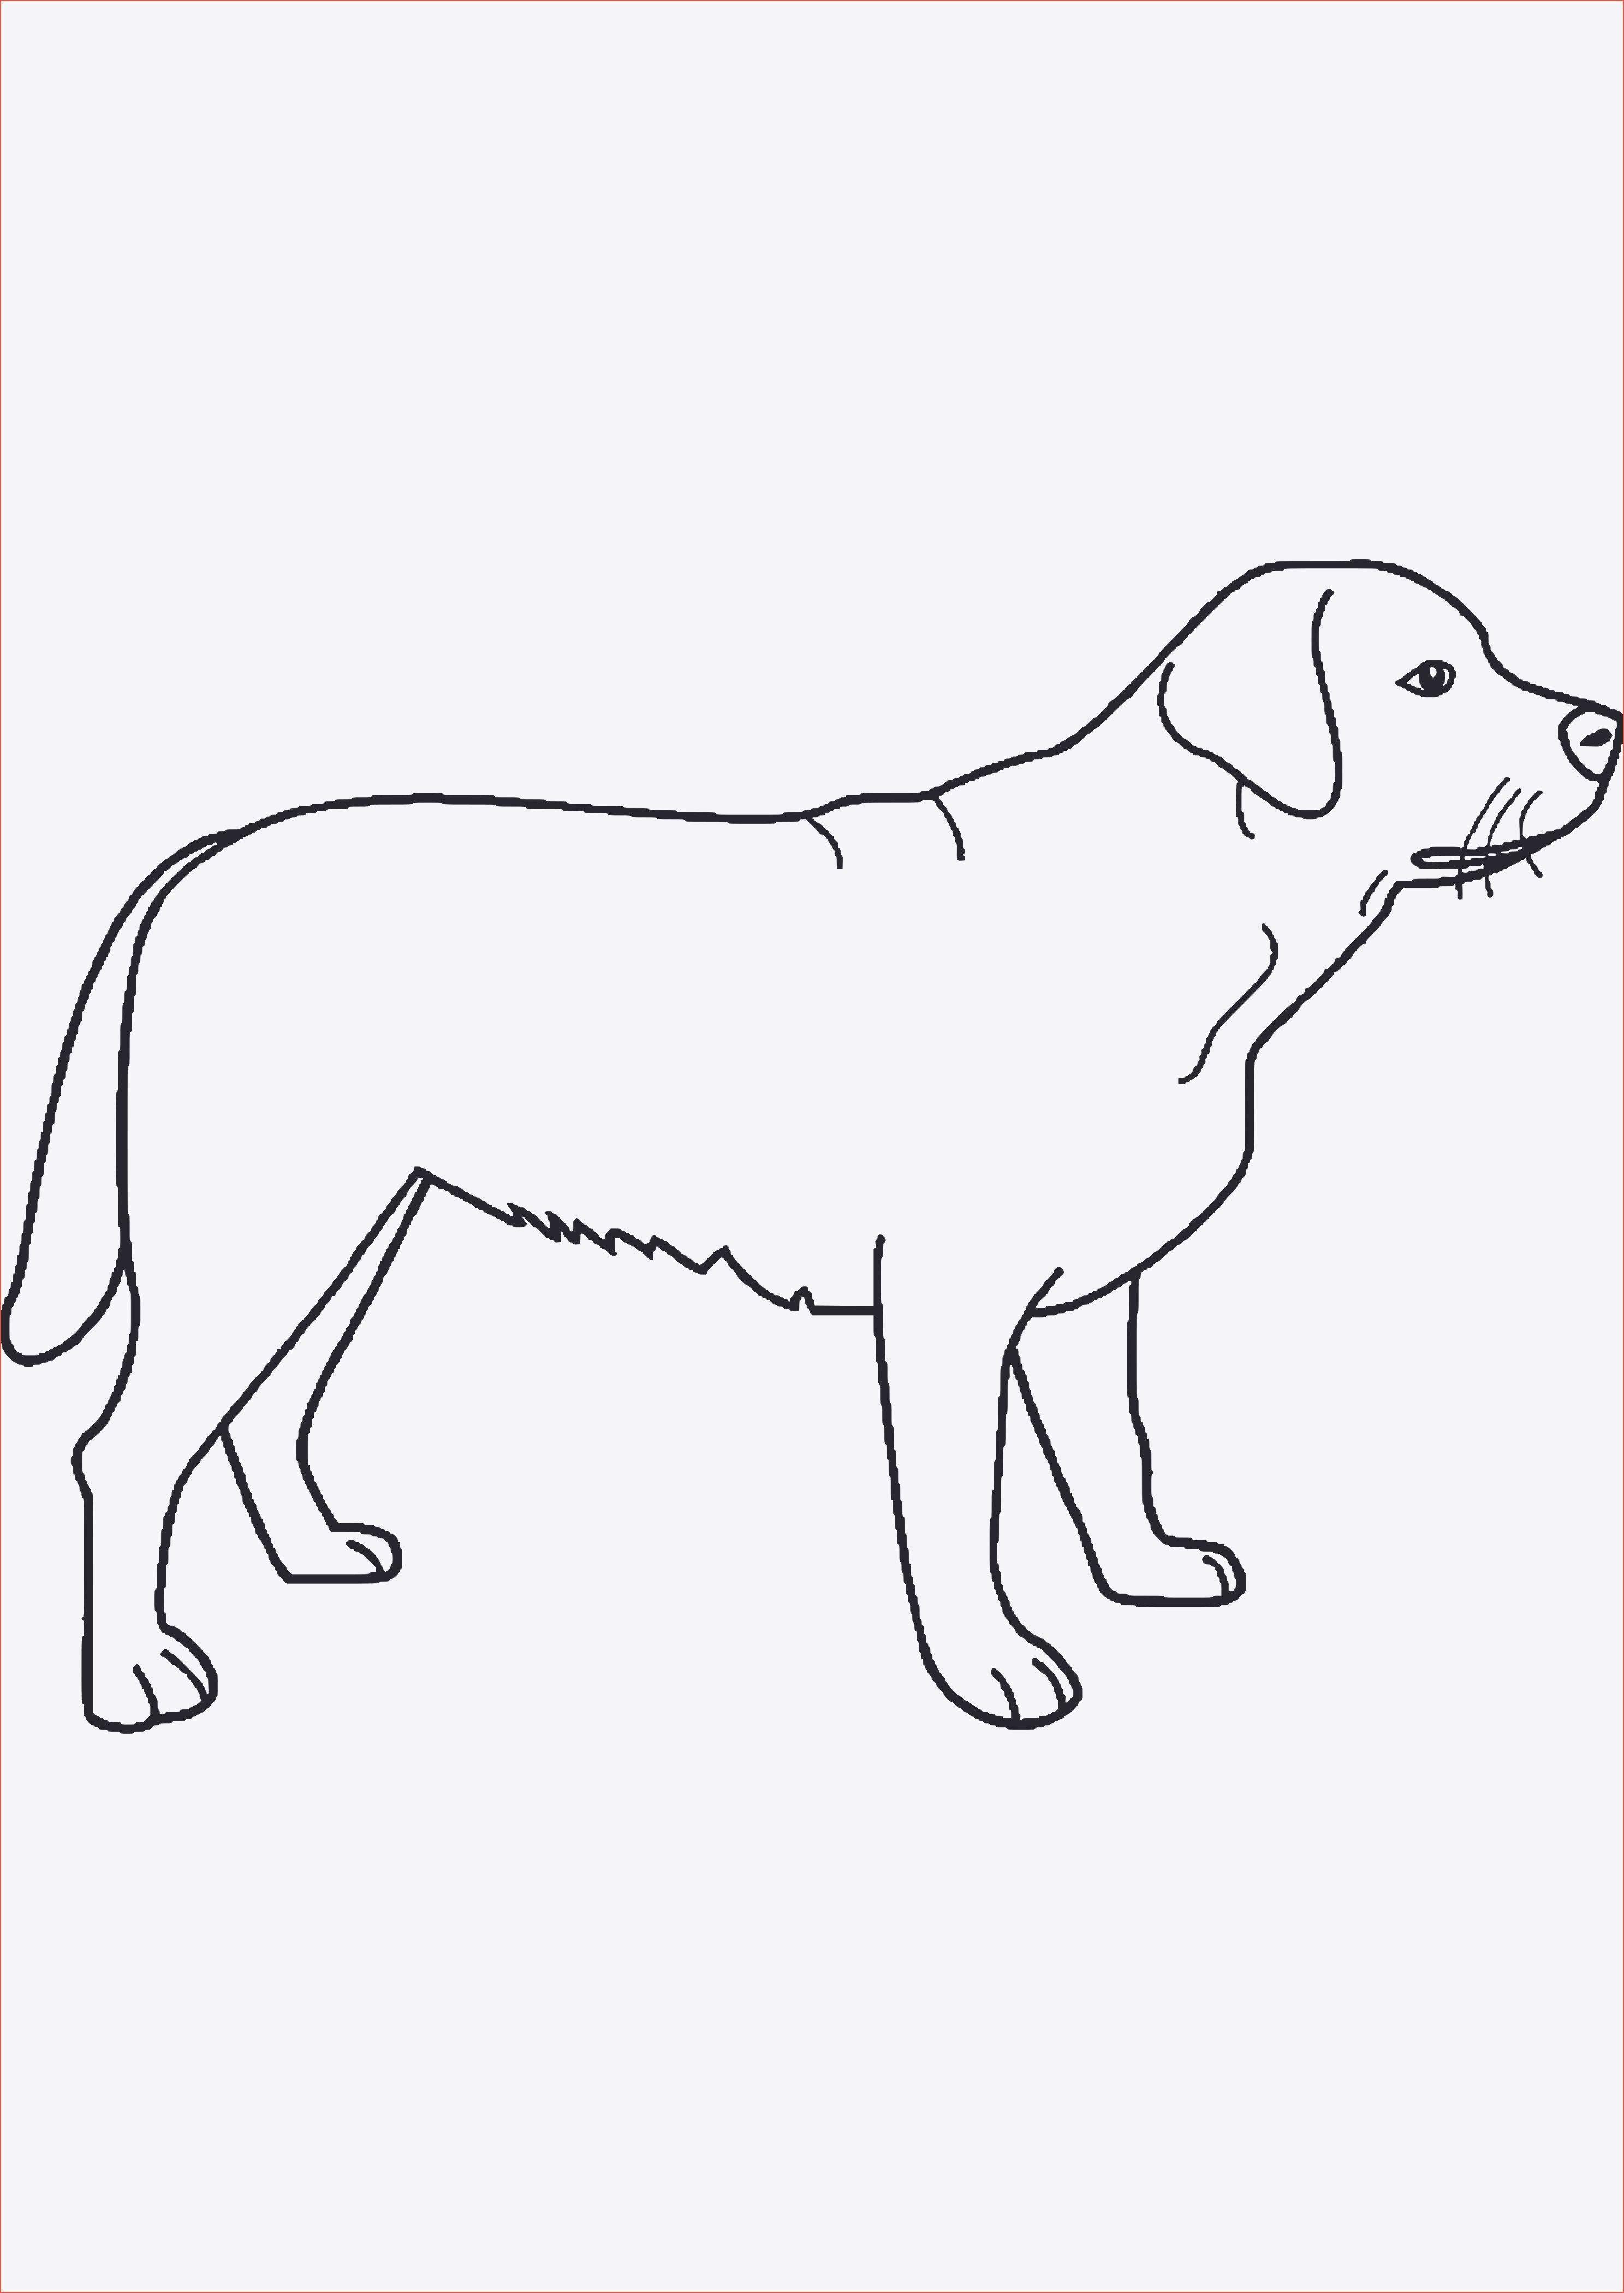 Neu Ausmalbilder Tiere Hunde Welpen Ausmalbilder Tiere Hunde